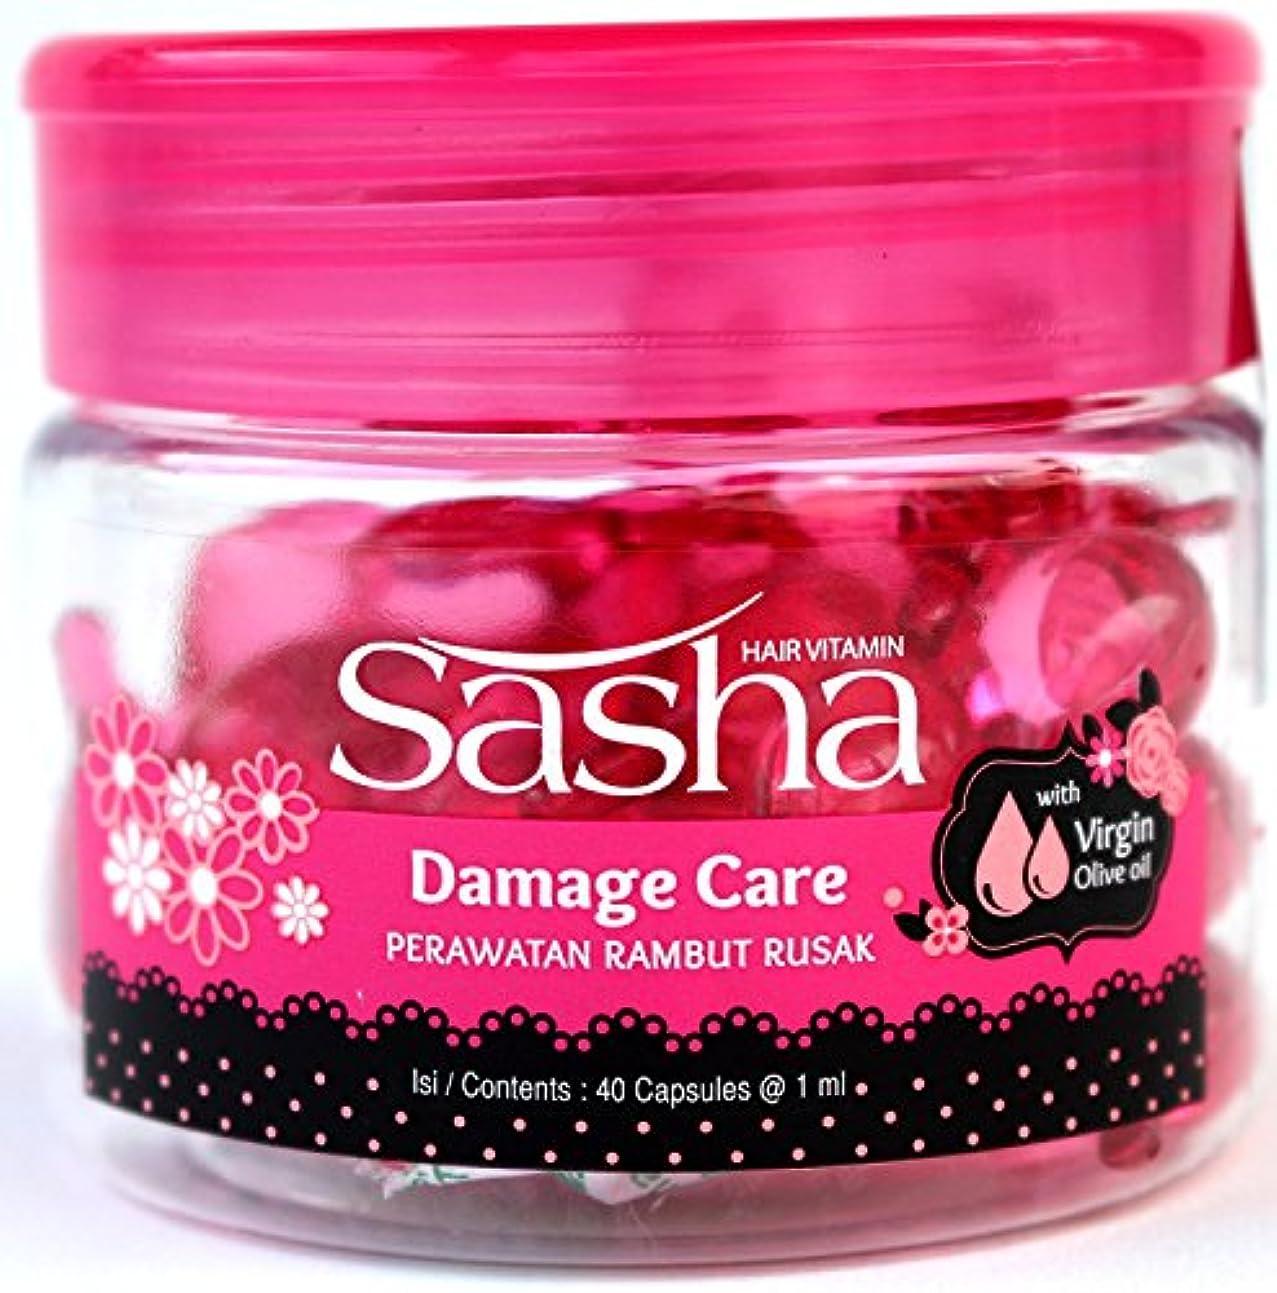 階角度フォーマルサシャ(Sasha) ヘアビタミン(40粒入)4個セット [海外直送品][並行輸入品]